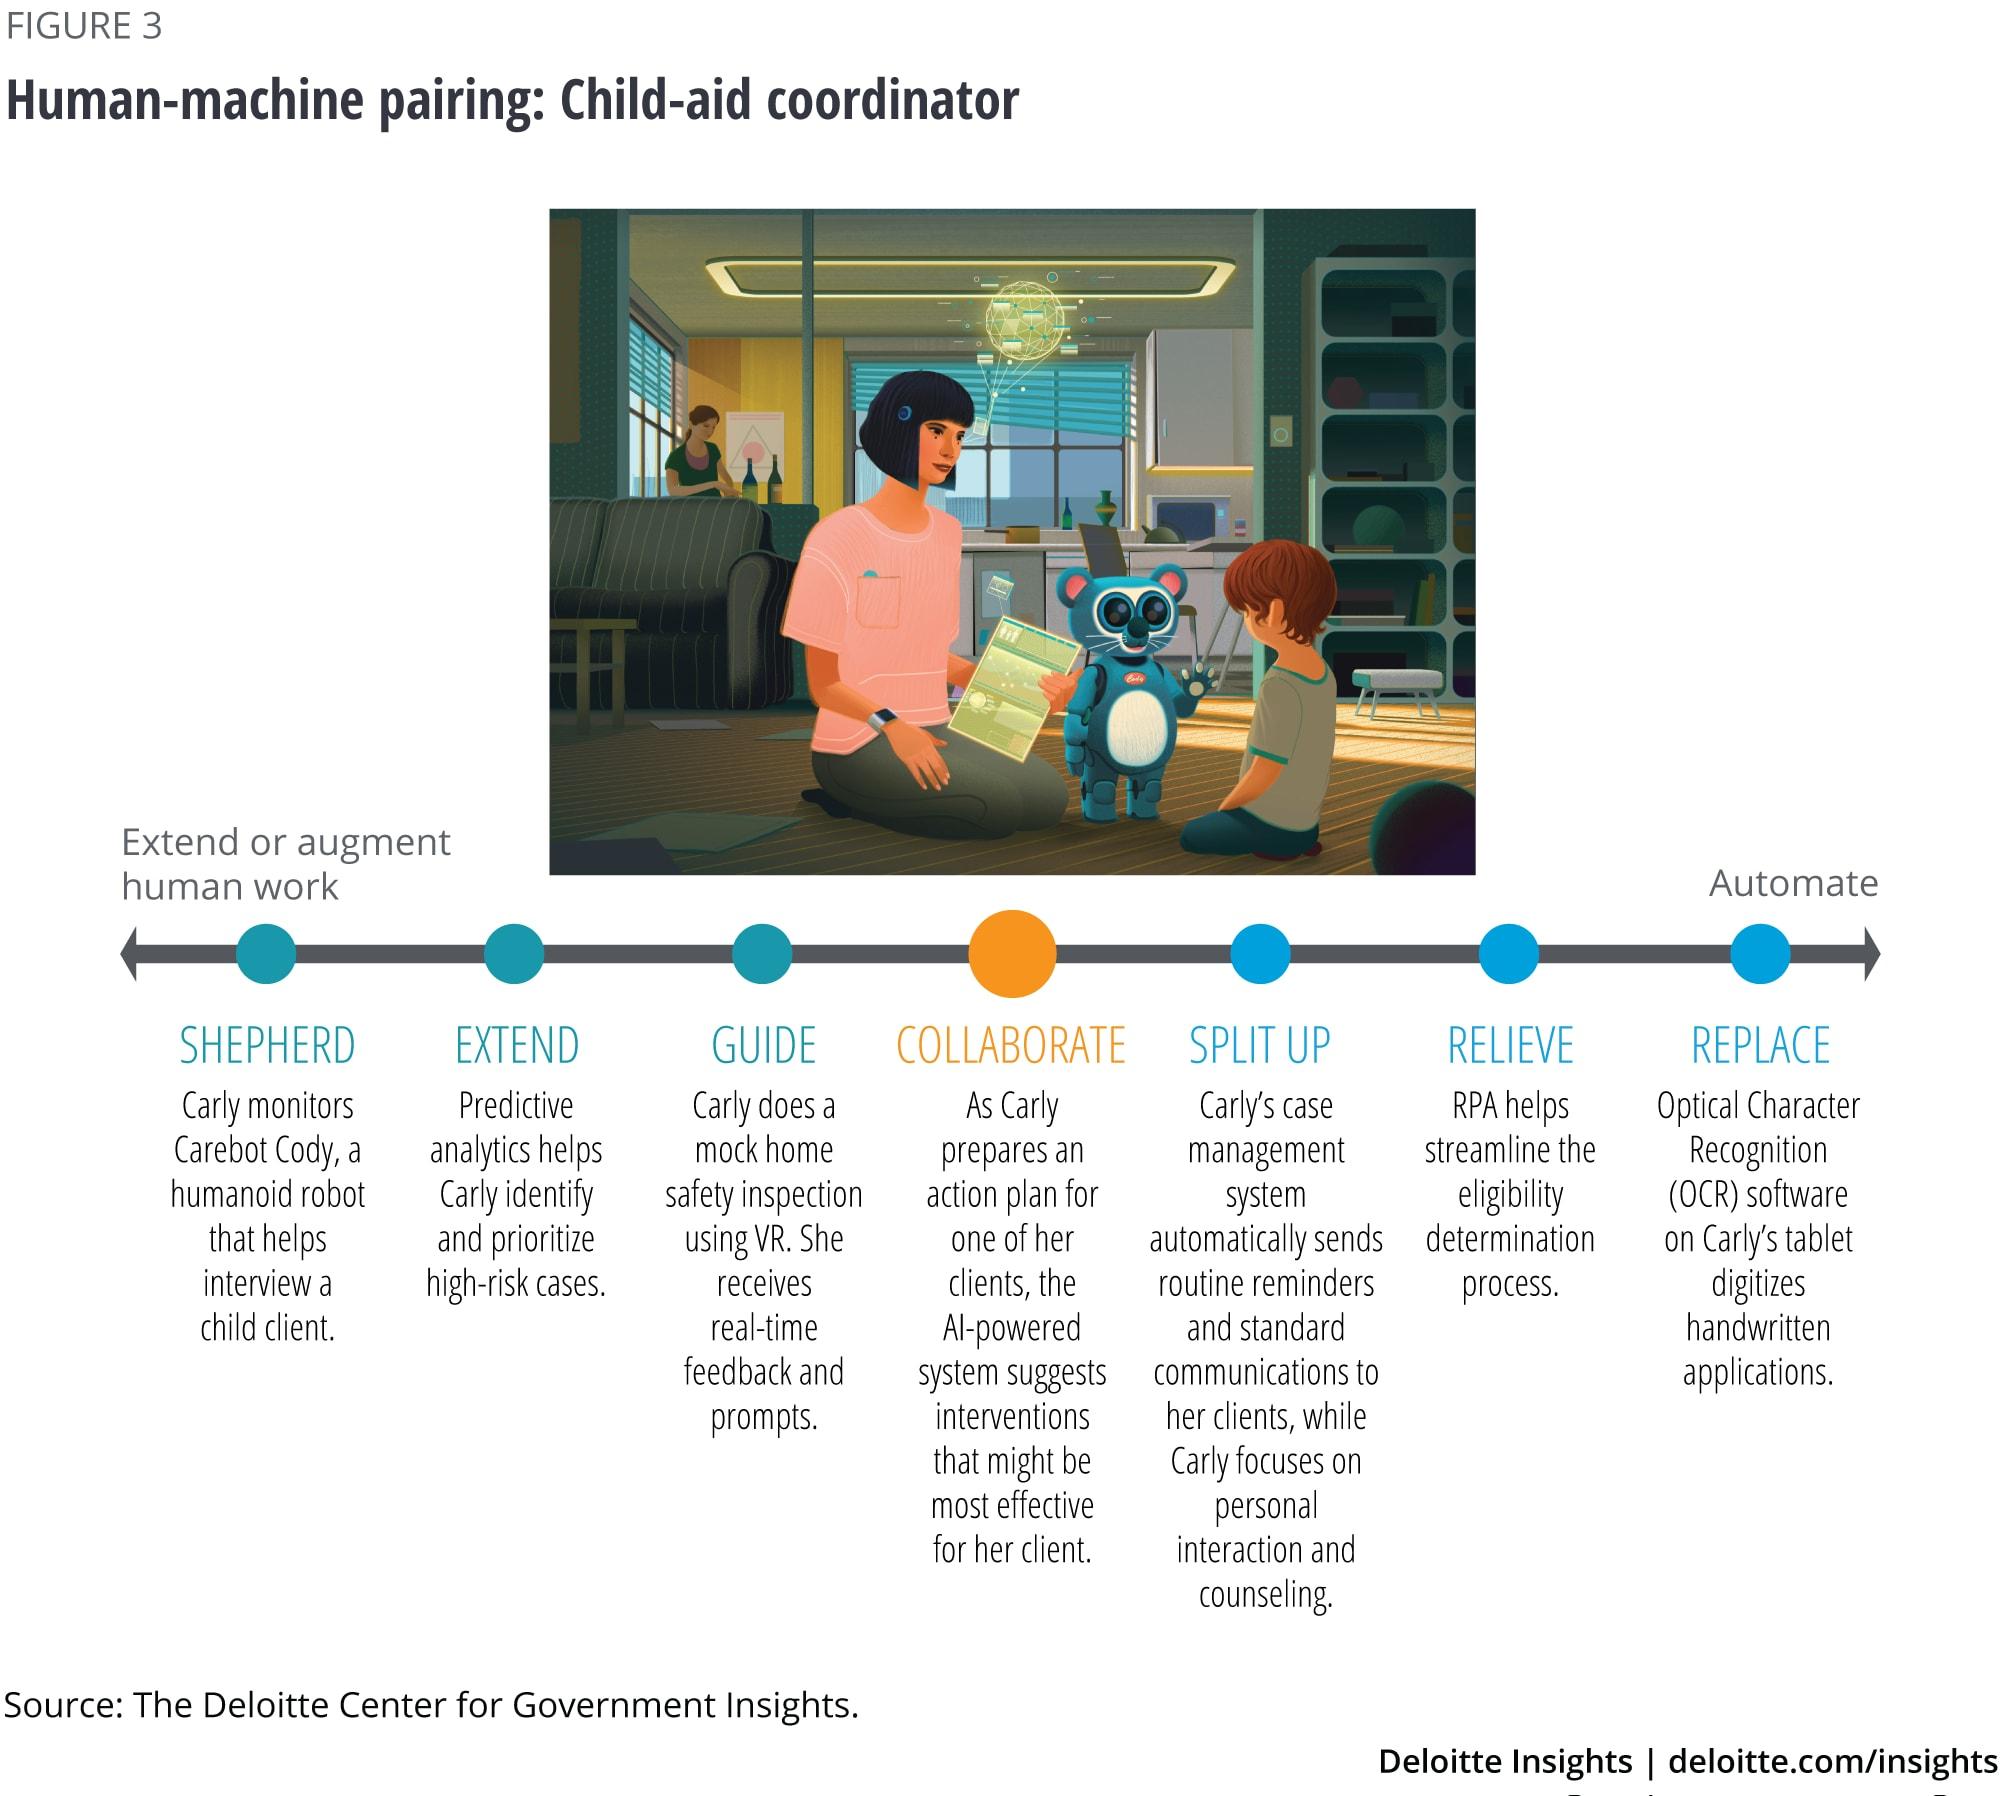 Human-machine pairing: Child-aid coordinator